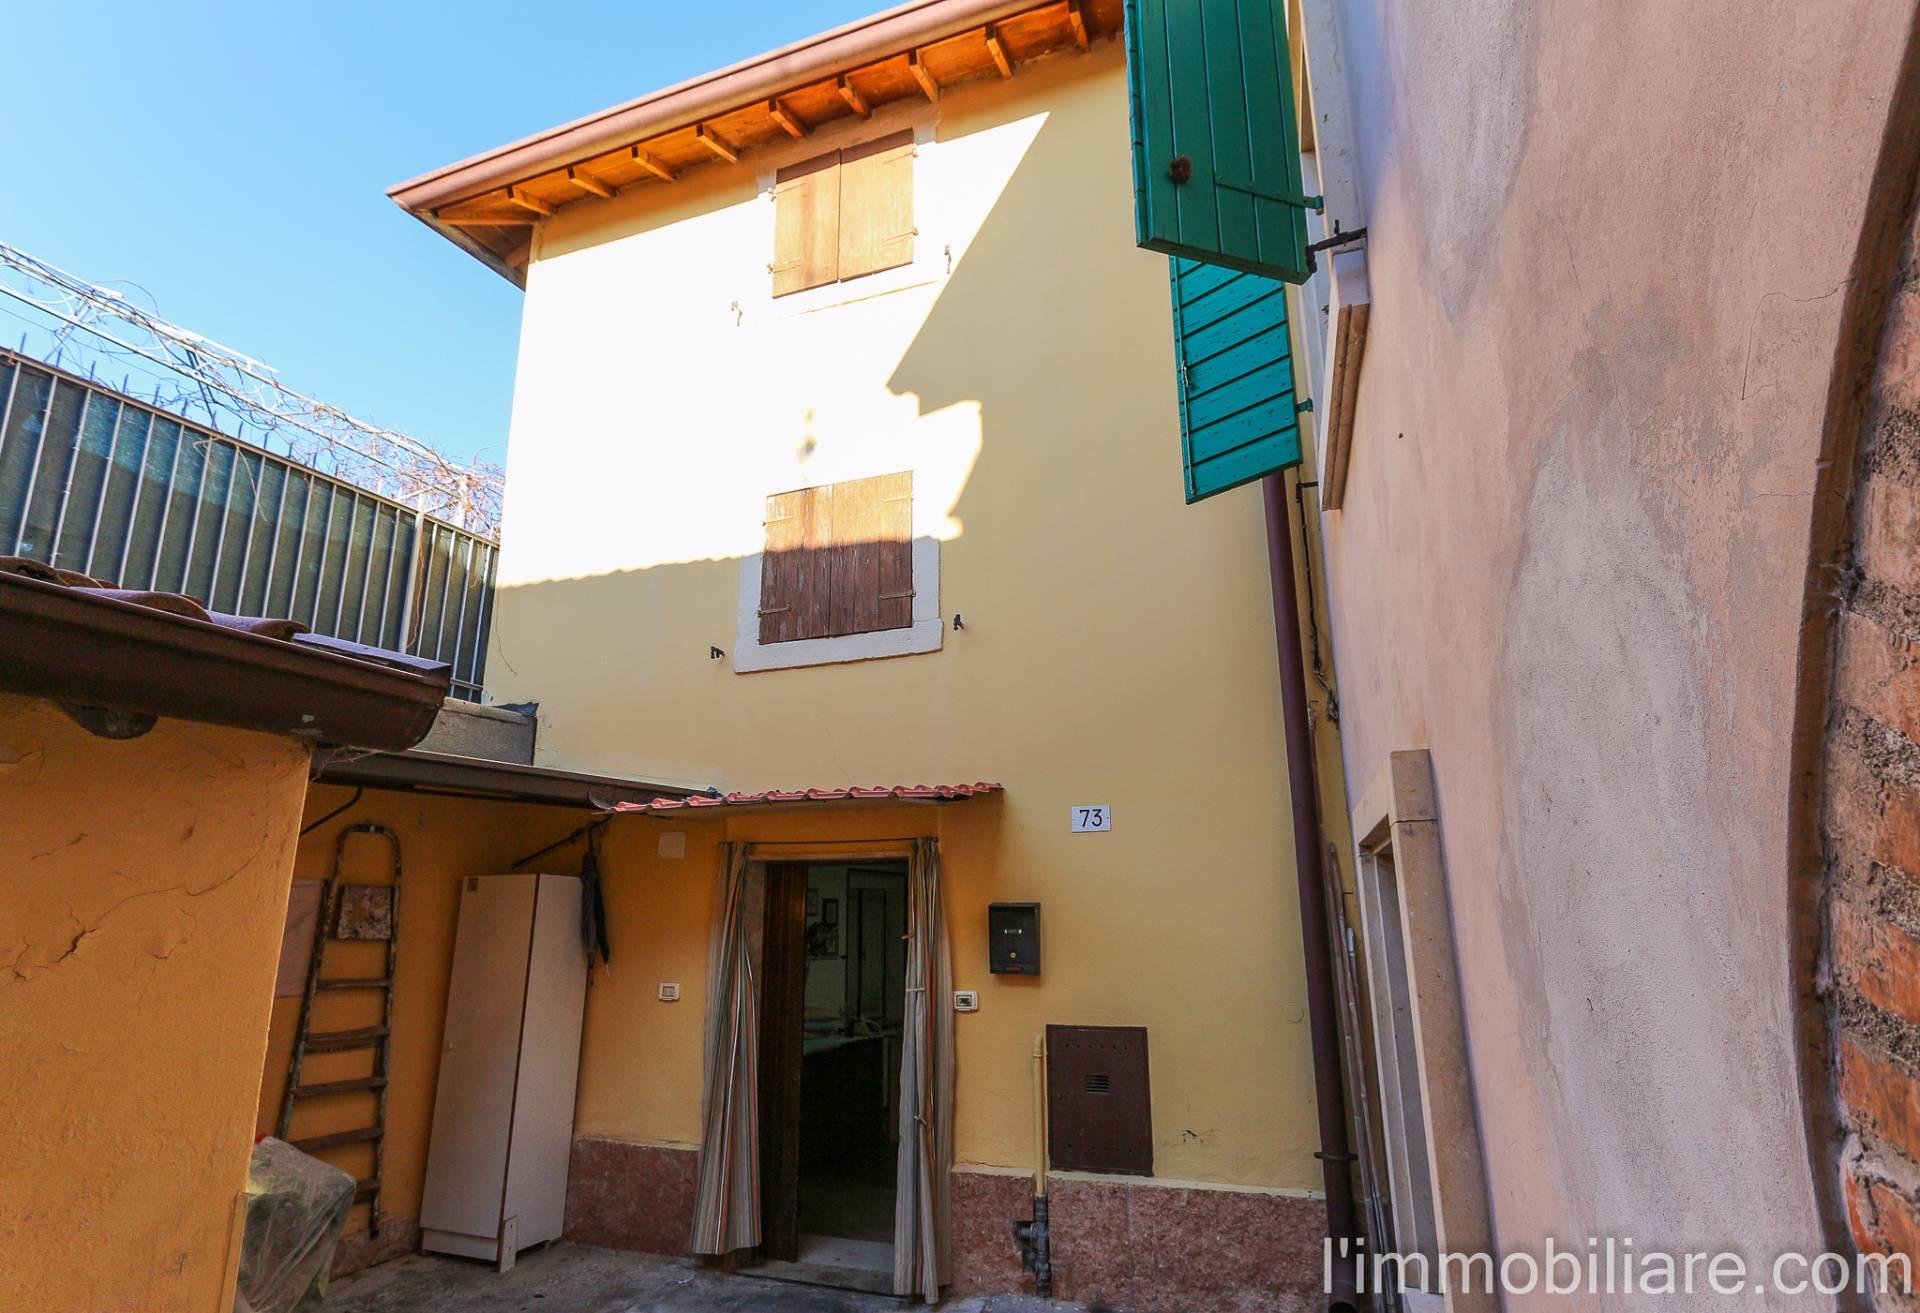 Soluzione Indipendente in vendita a Verona, 6 locali, zona Zona: 5 . Quinzano - Pindemonte - Ponte Crencano - Valdonega - Avesa , prezzo € 120.000 | Cambio Casa.it